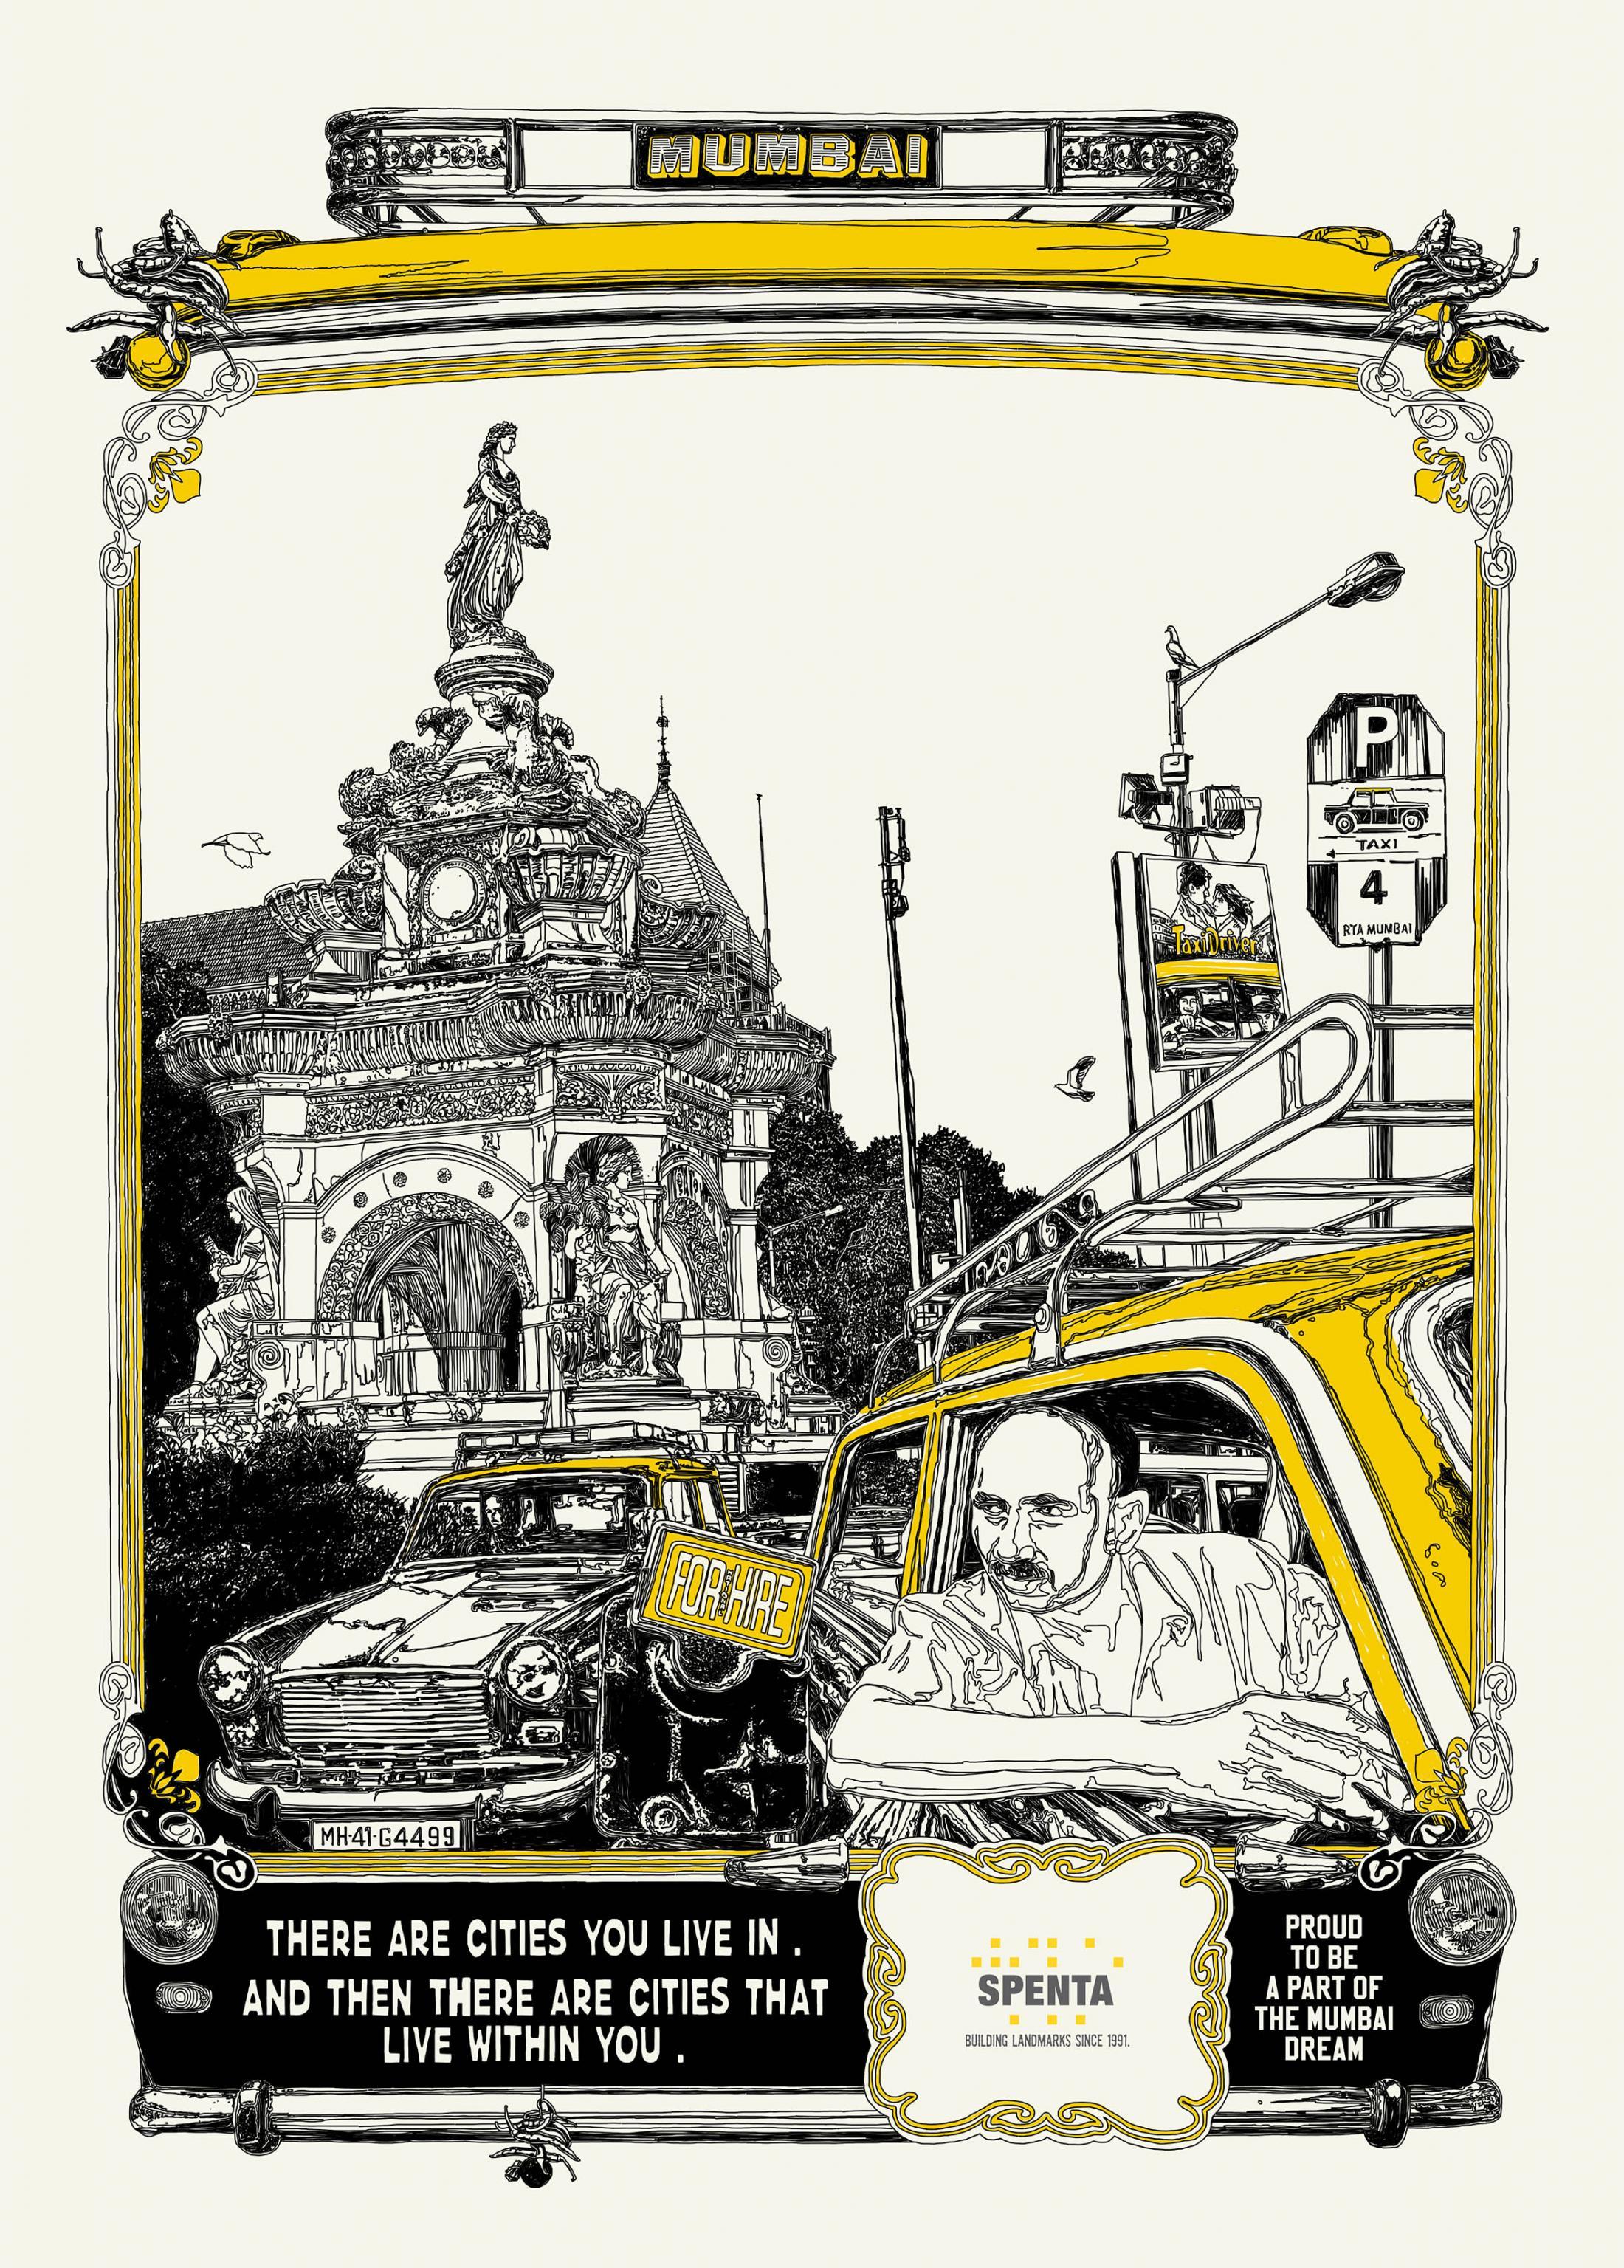 Spenta Print Ad - Mumbai dream, 2